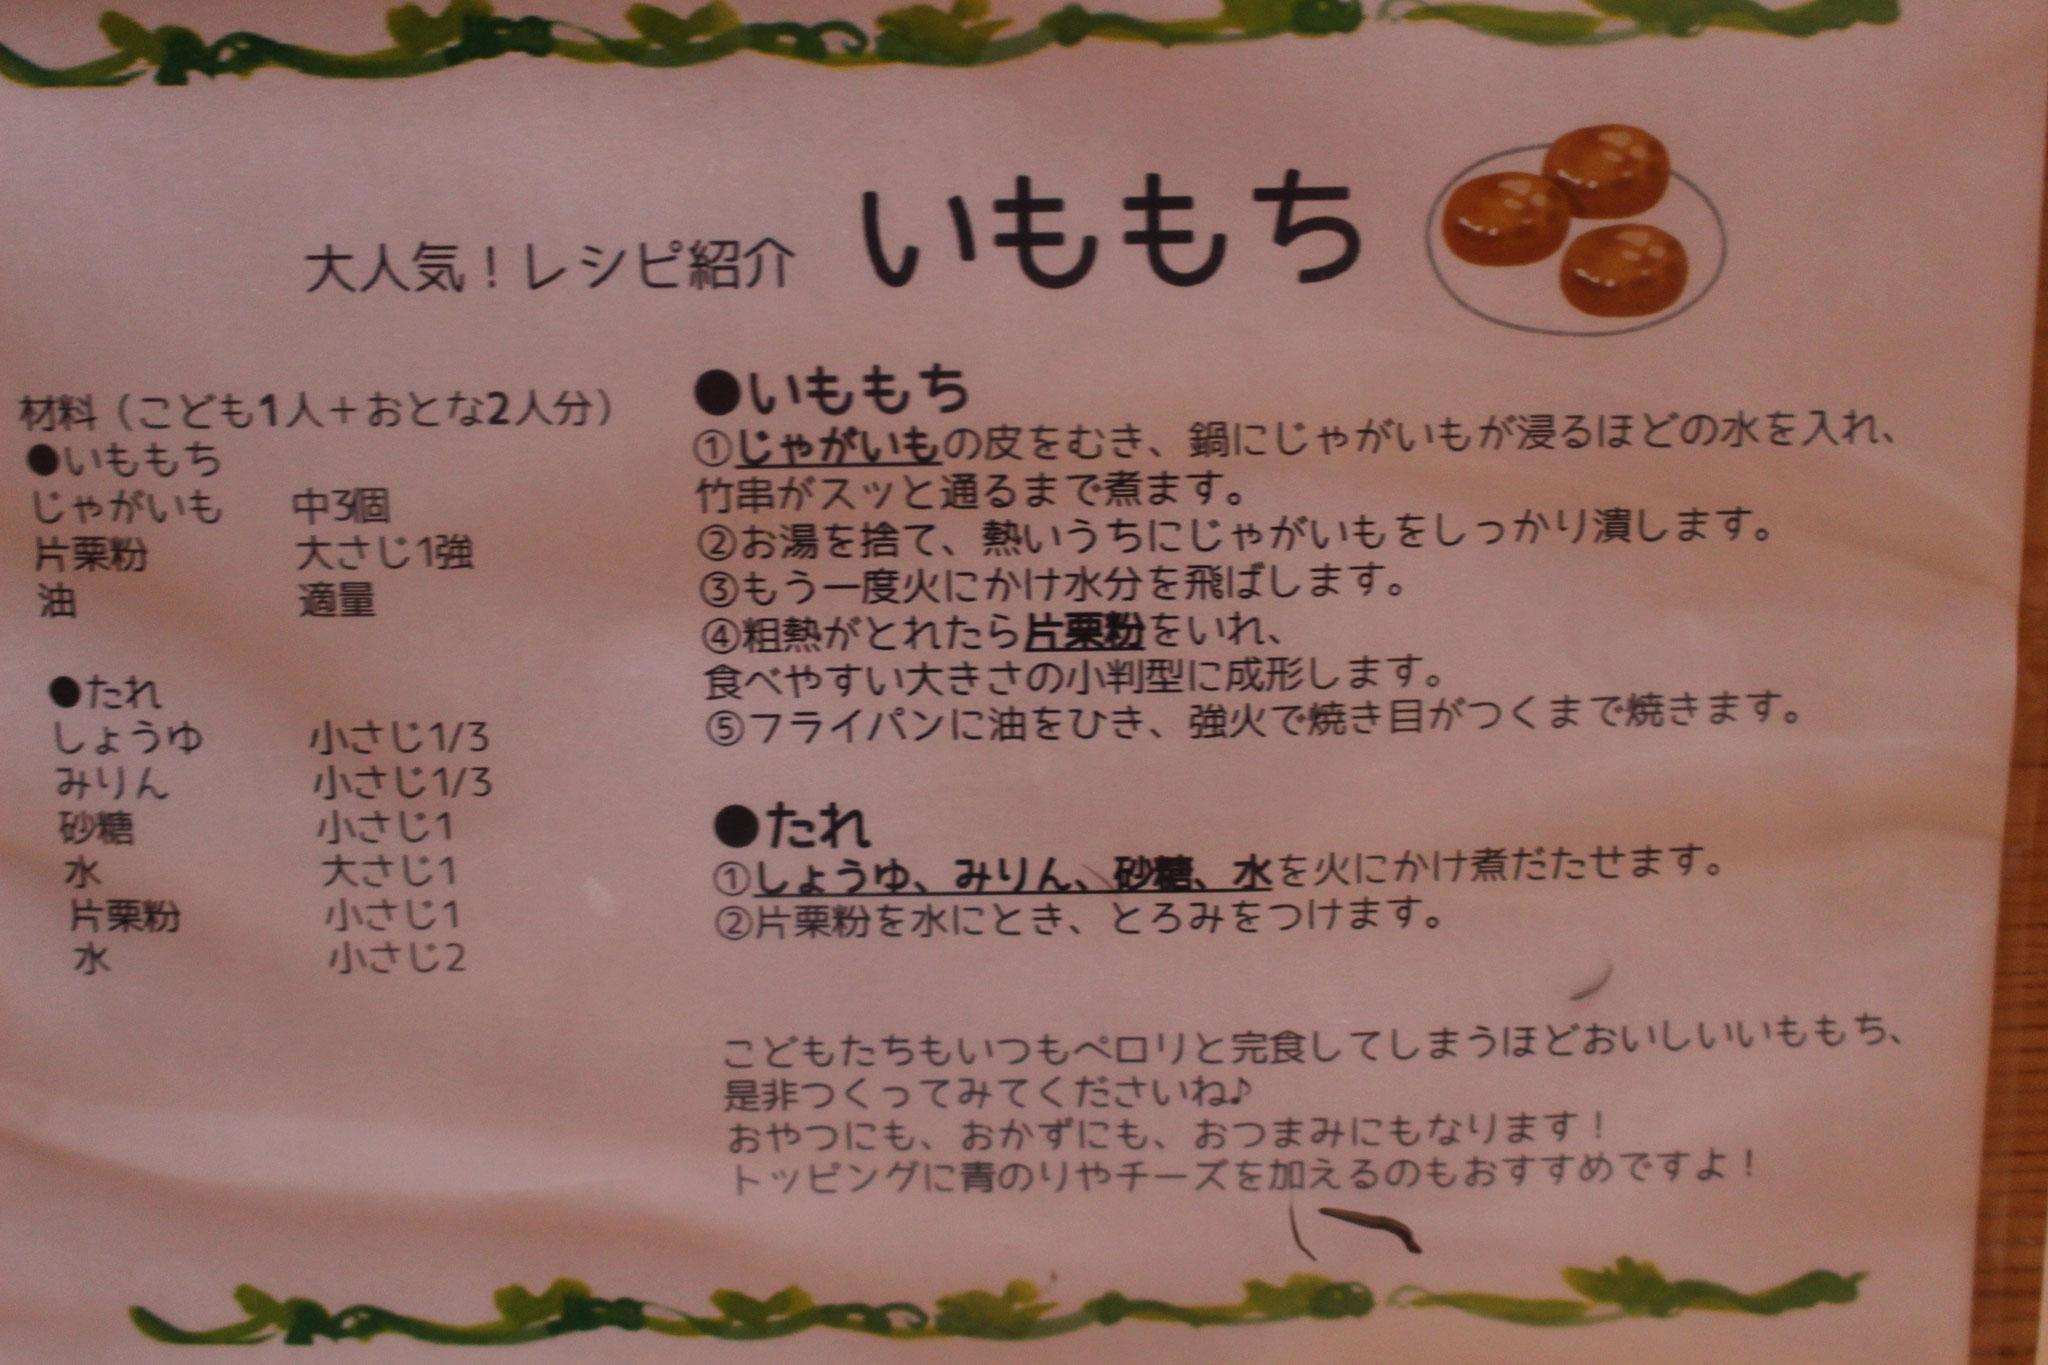 管理栄養士M先生の大好評レシピです(^^♪